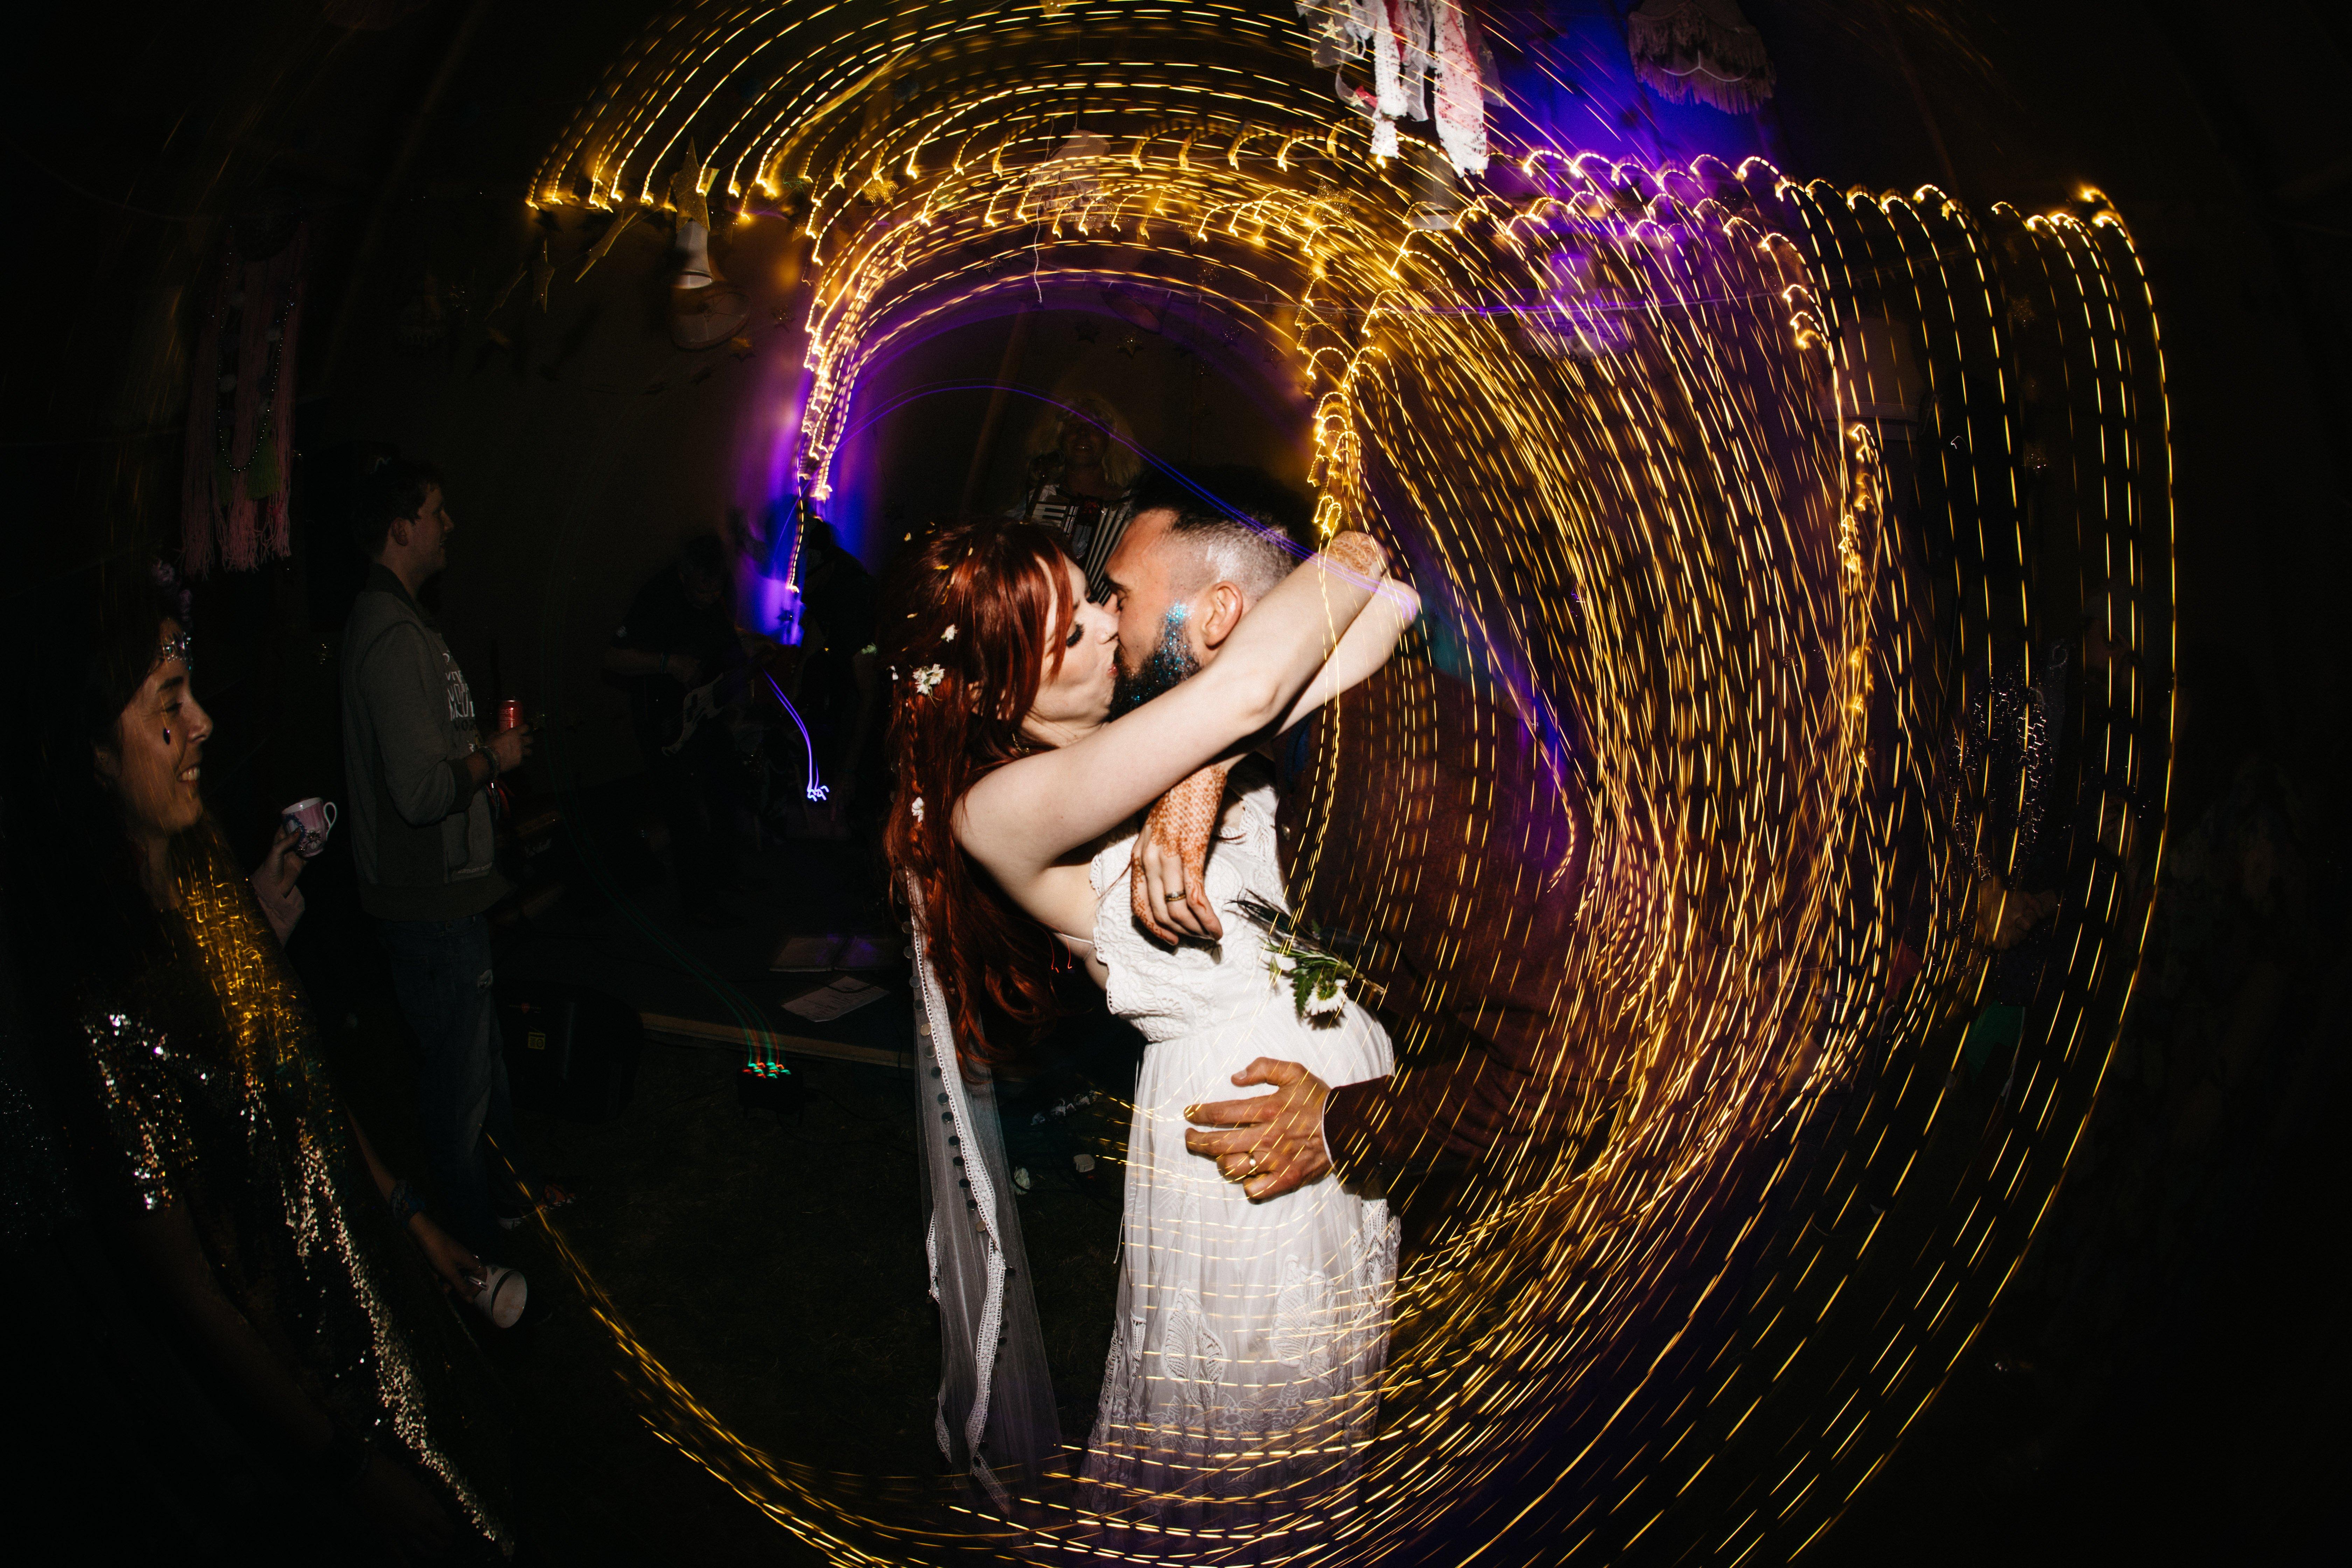 Redhead bride Fern kissing Adam, her groom, at their festival wedding